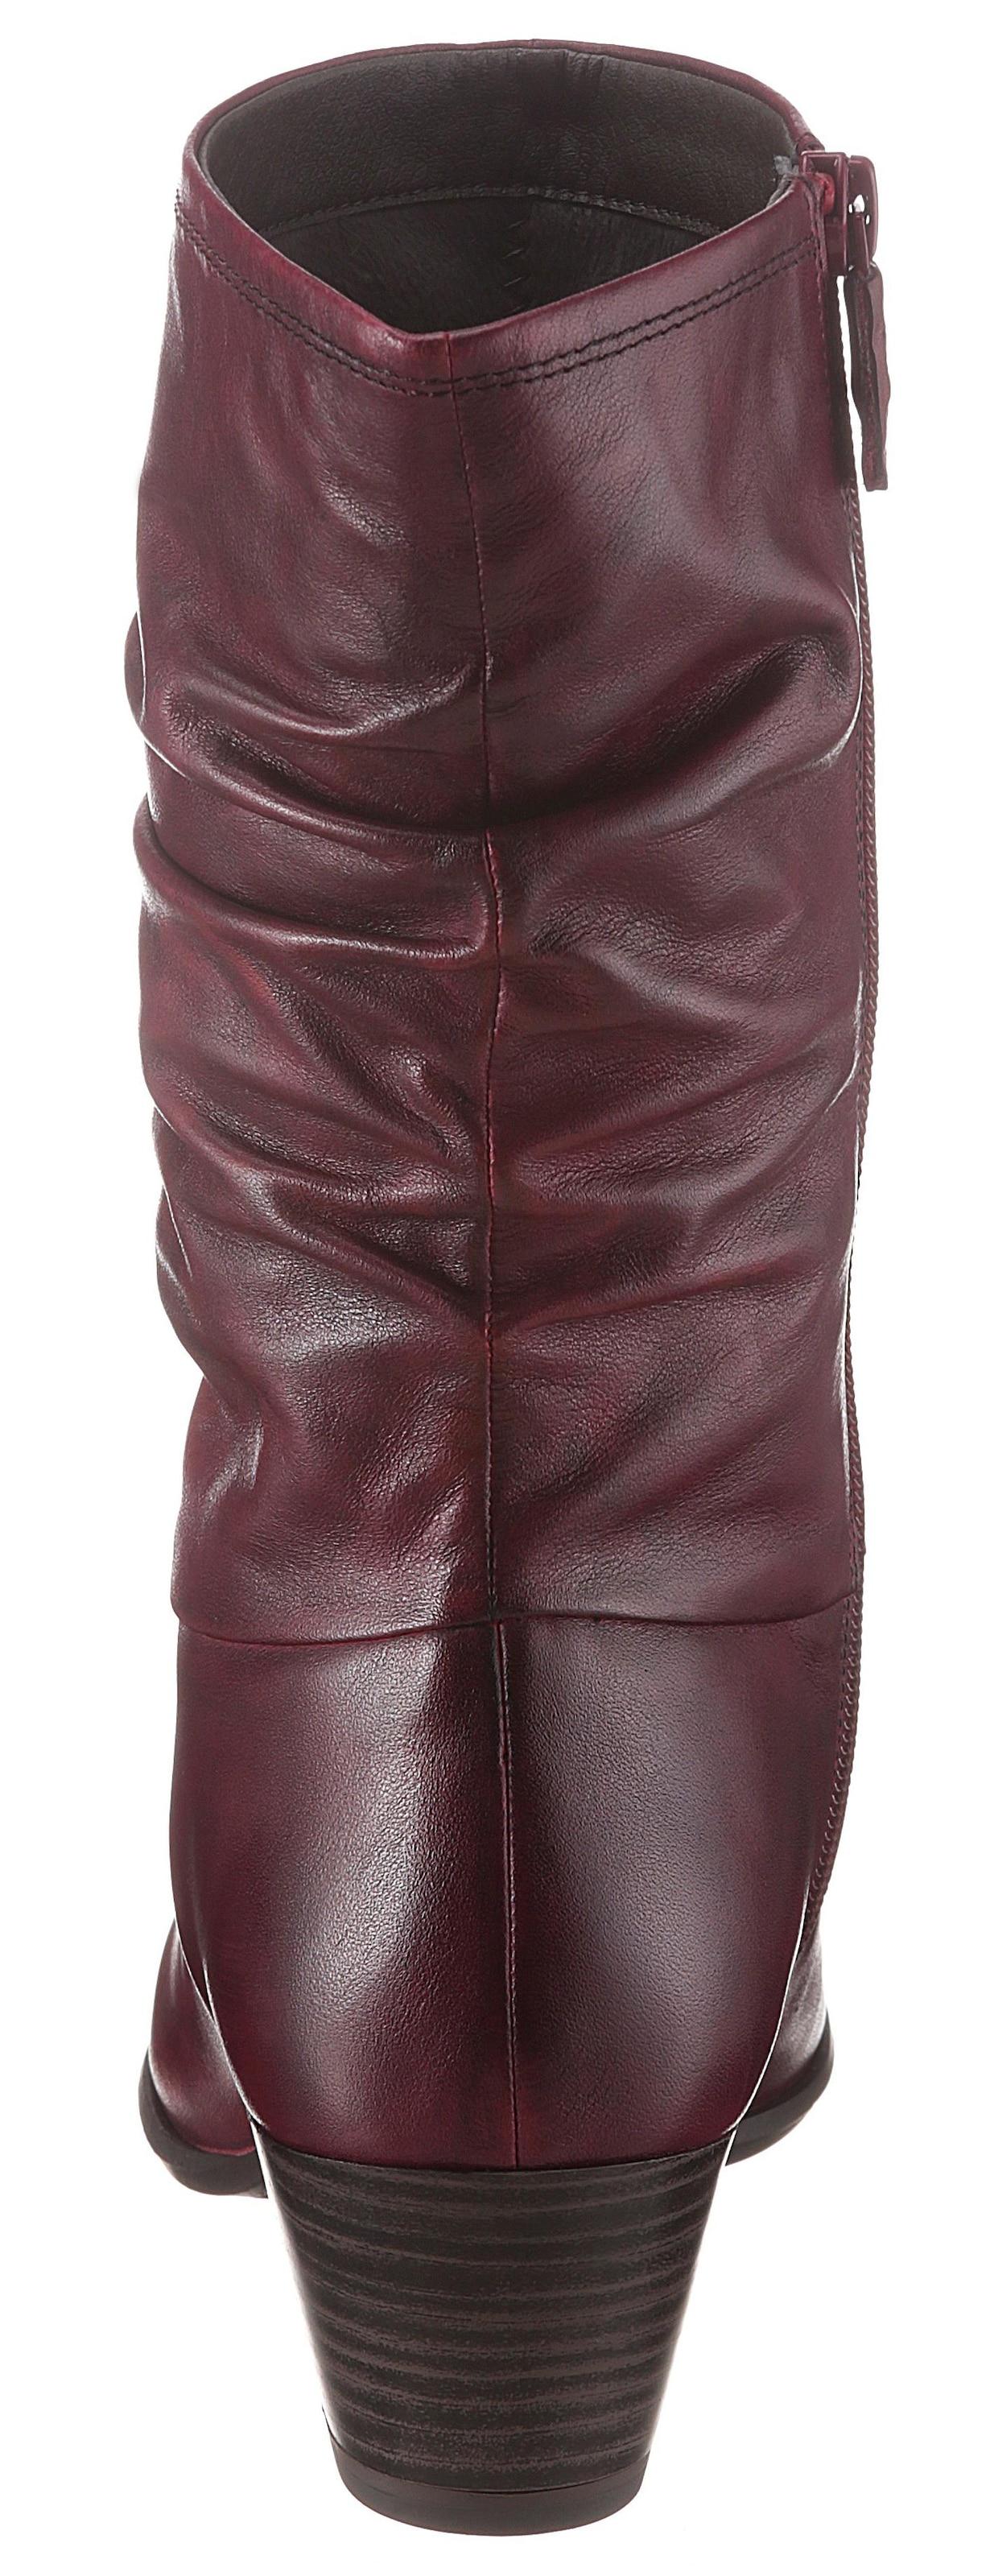 Details zu Stiefel Tamaris Damenmode Overalls Damen Im Schlichten Design H Typ